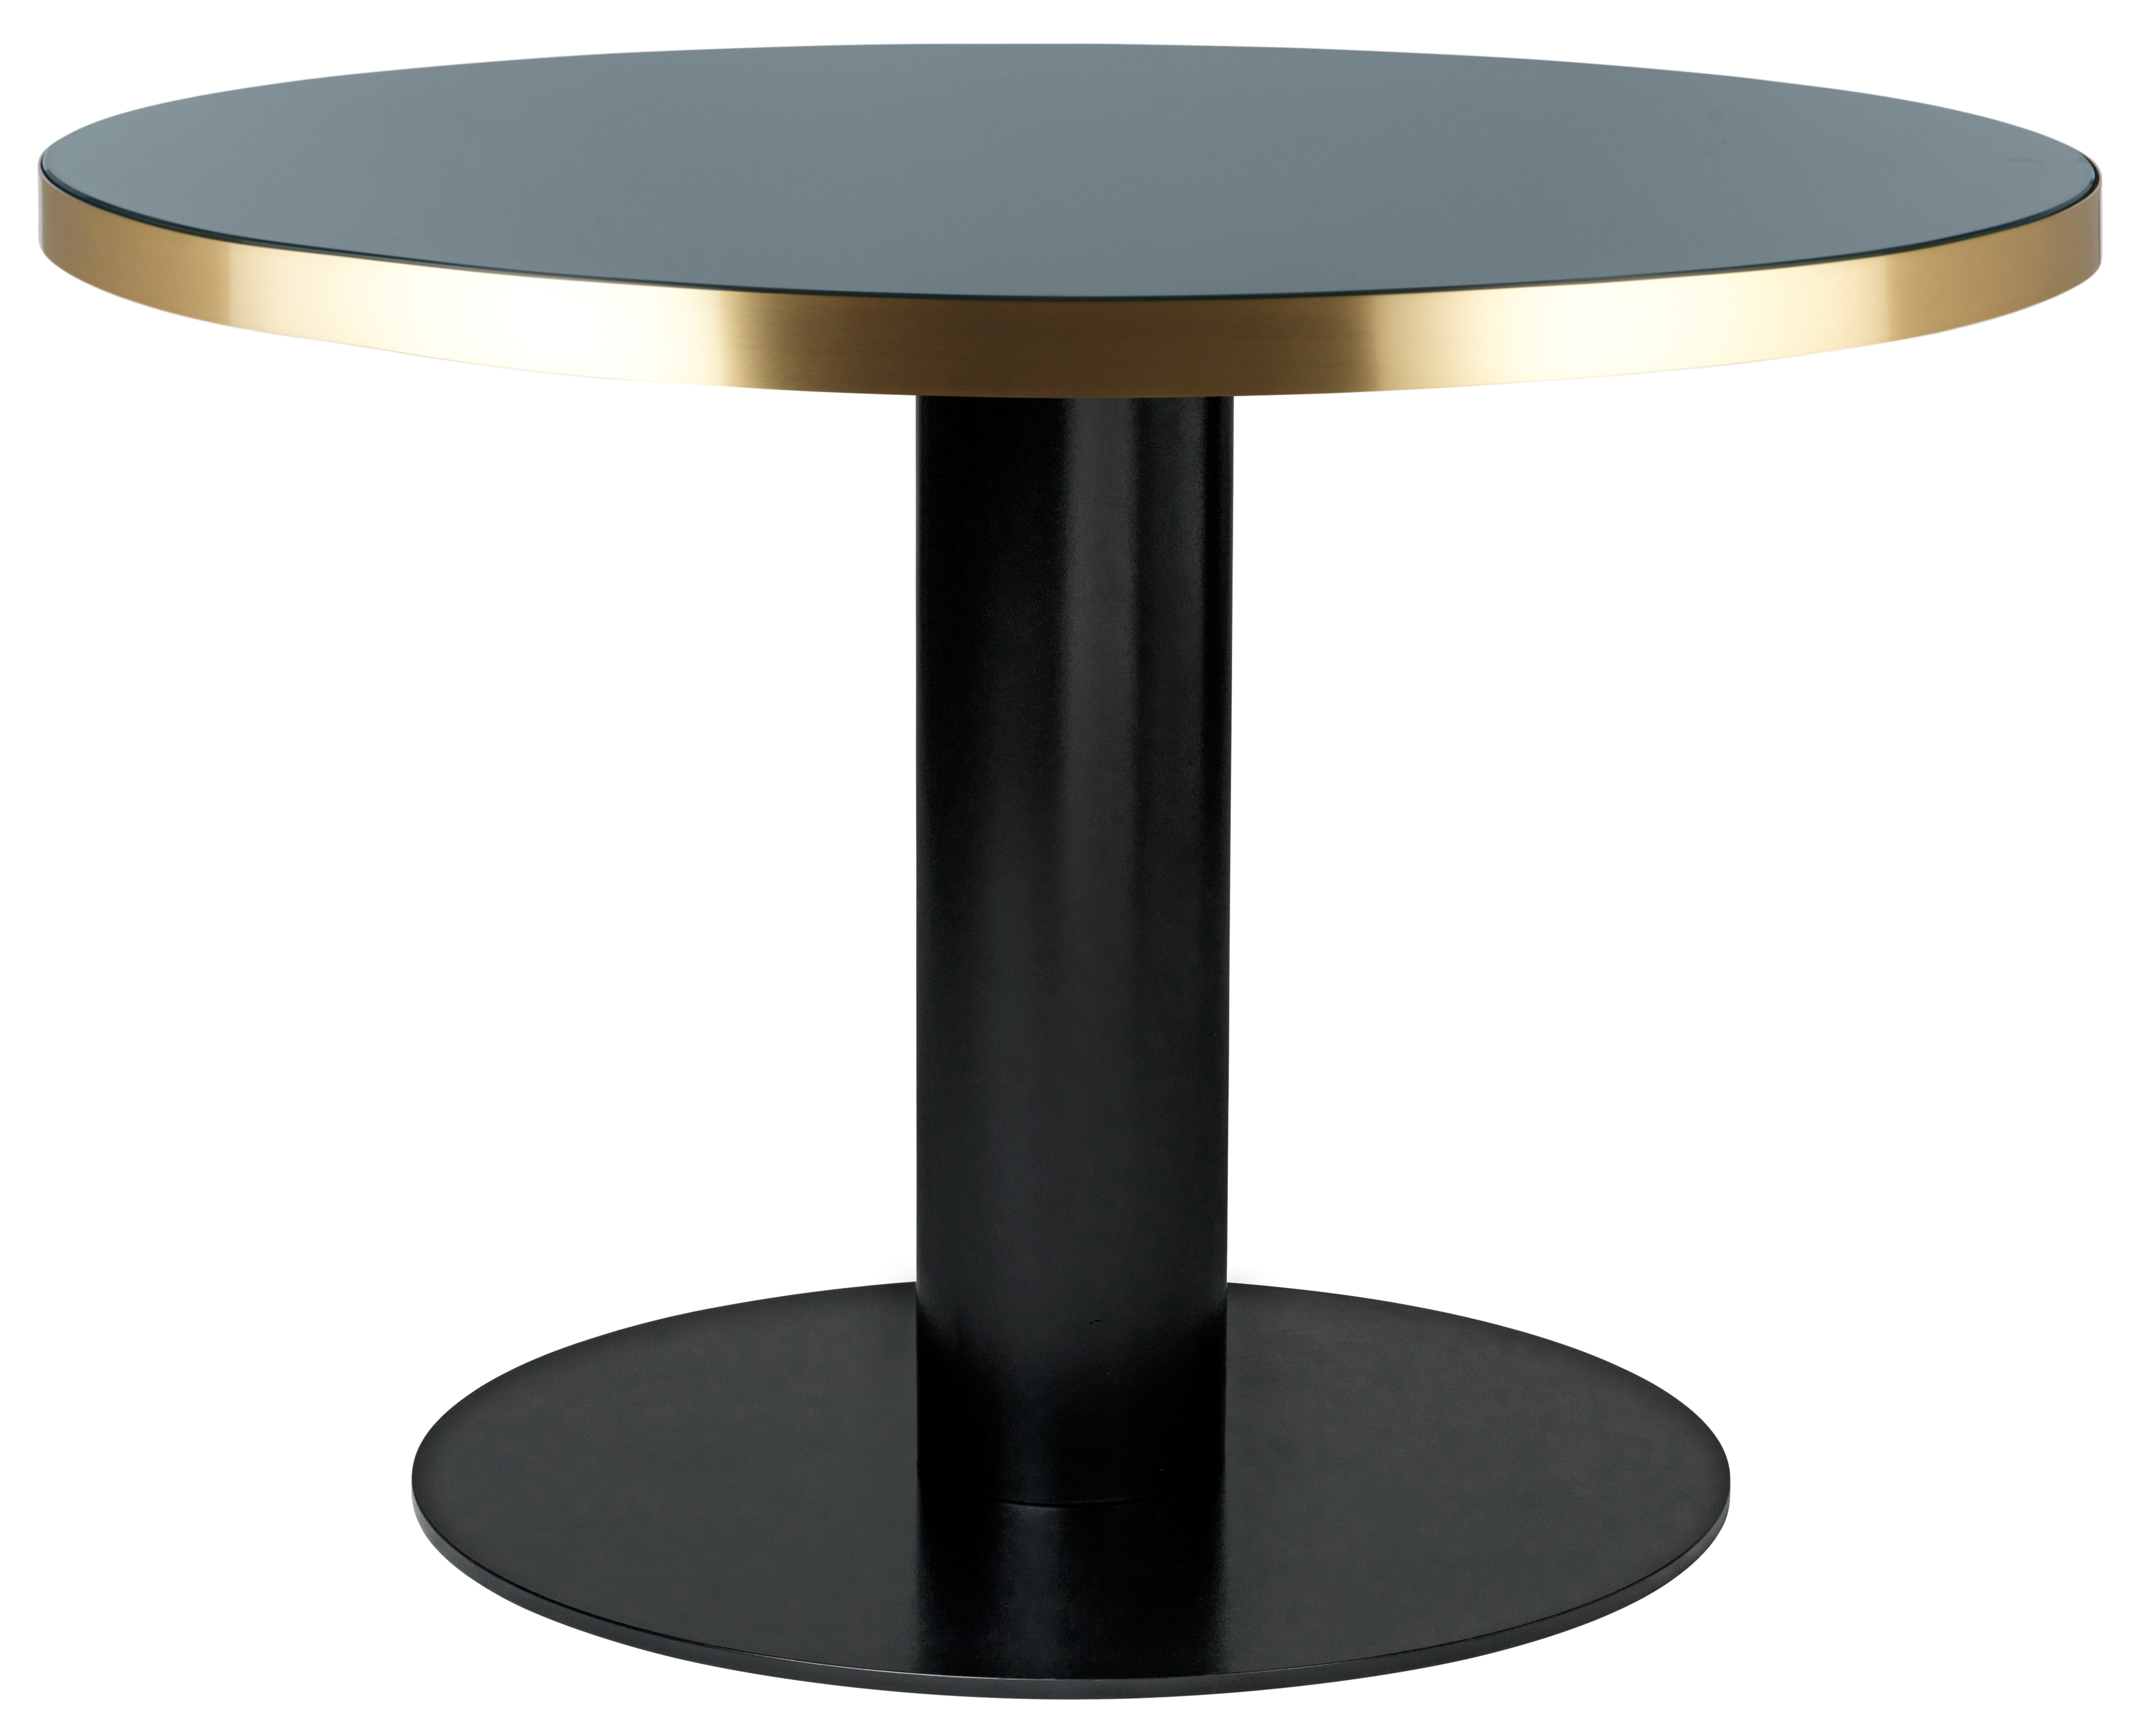 gubi round tables 2 0 glass table top gubi. Black Bedroom Furniture Sets. Home Design Ideas